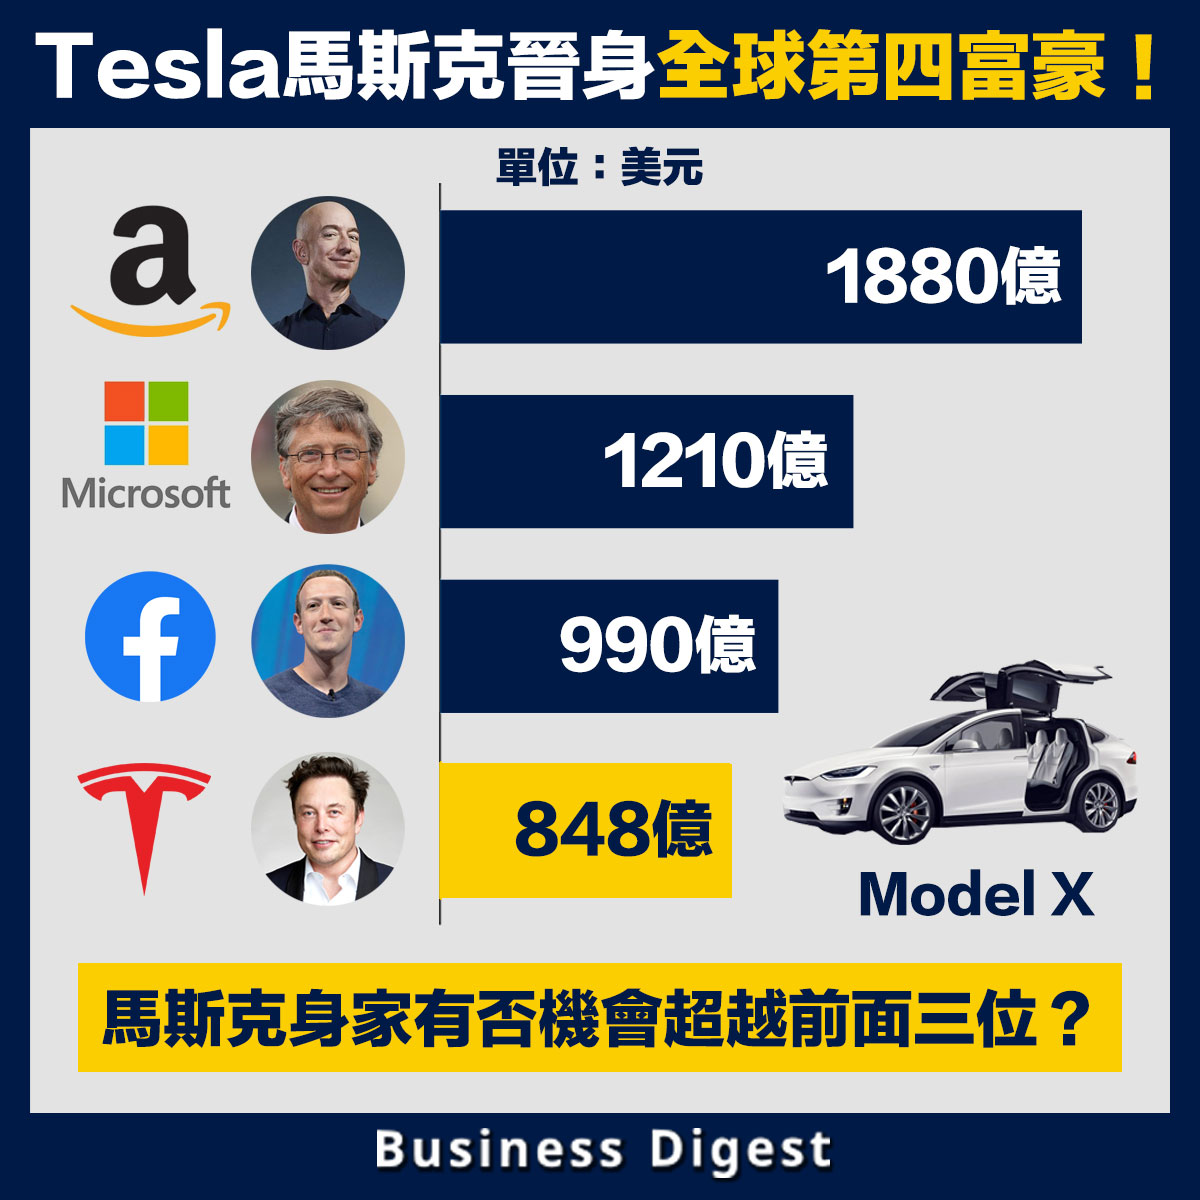 【商業熱話】Tesla馬斯克晉身全球第四富豪!身家受Tesla股價大升帶挈